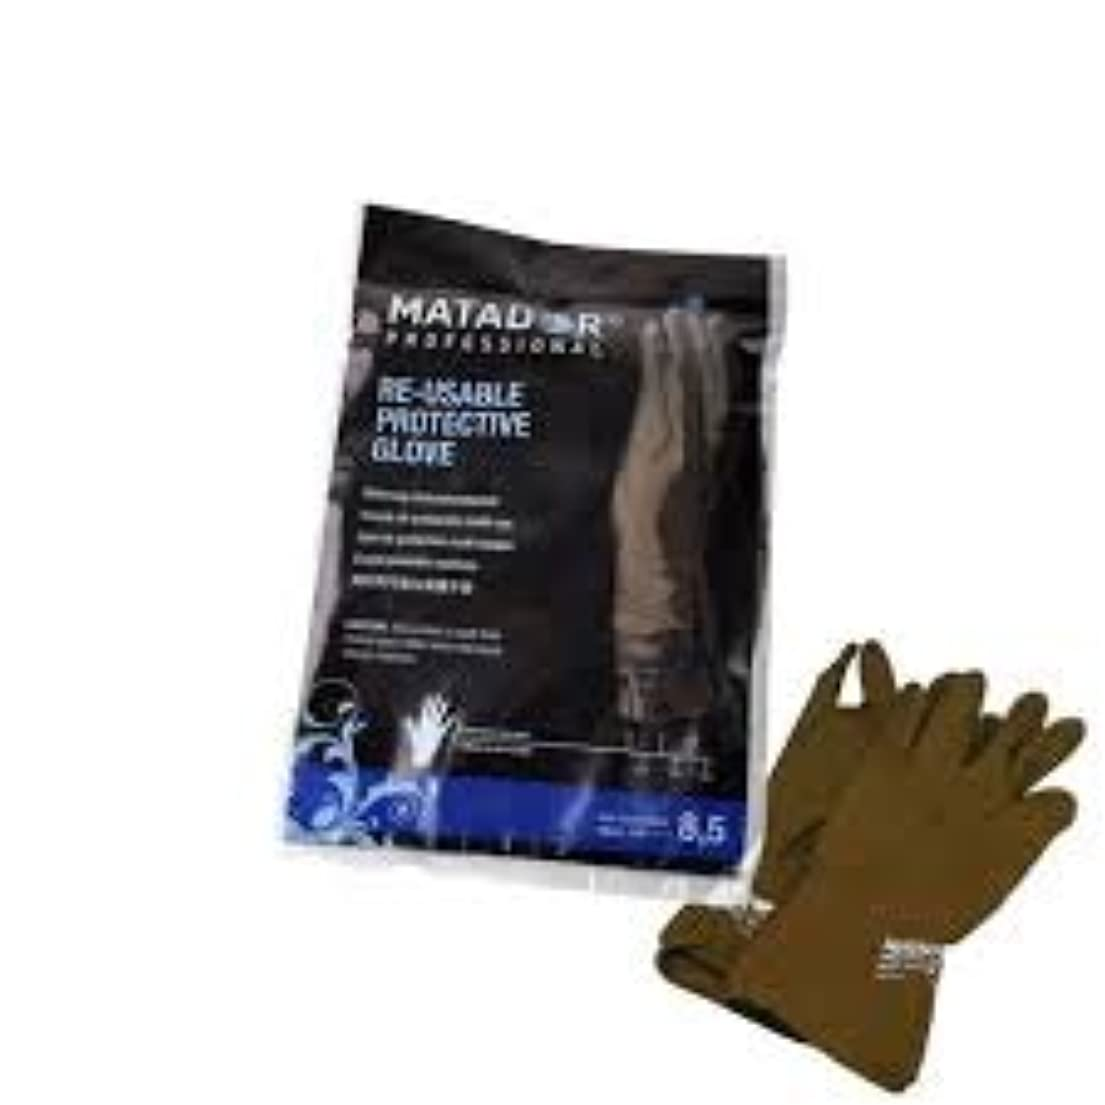 極めて出版アナウンサーマタドールゴム手袋 8.5吋 【10個セット】